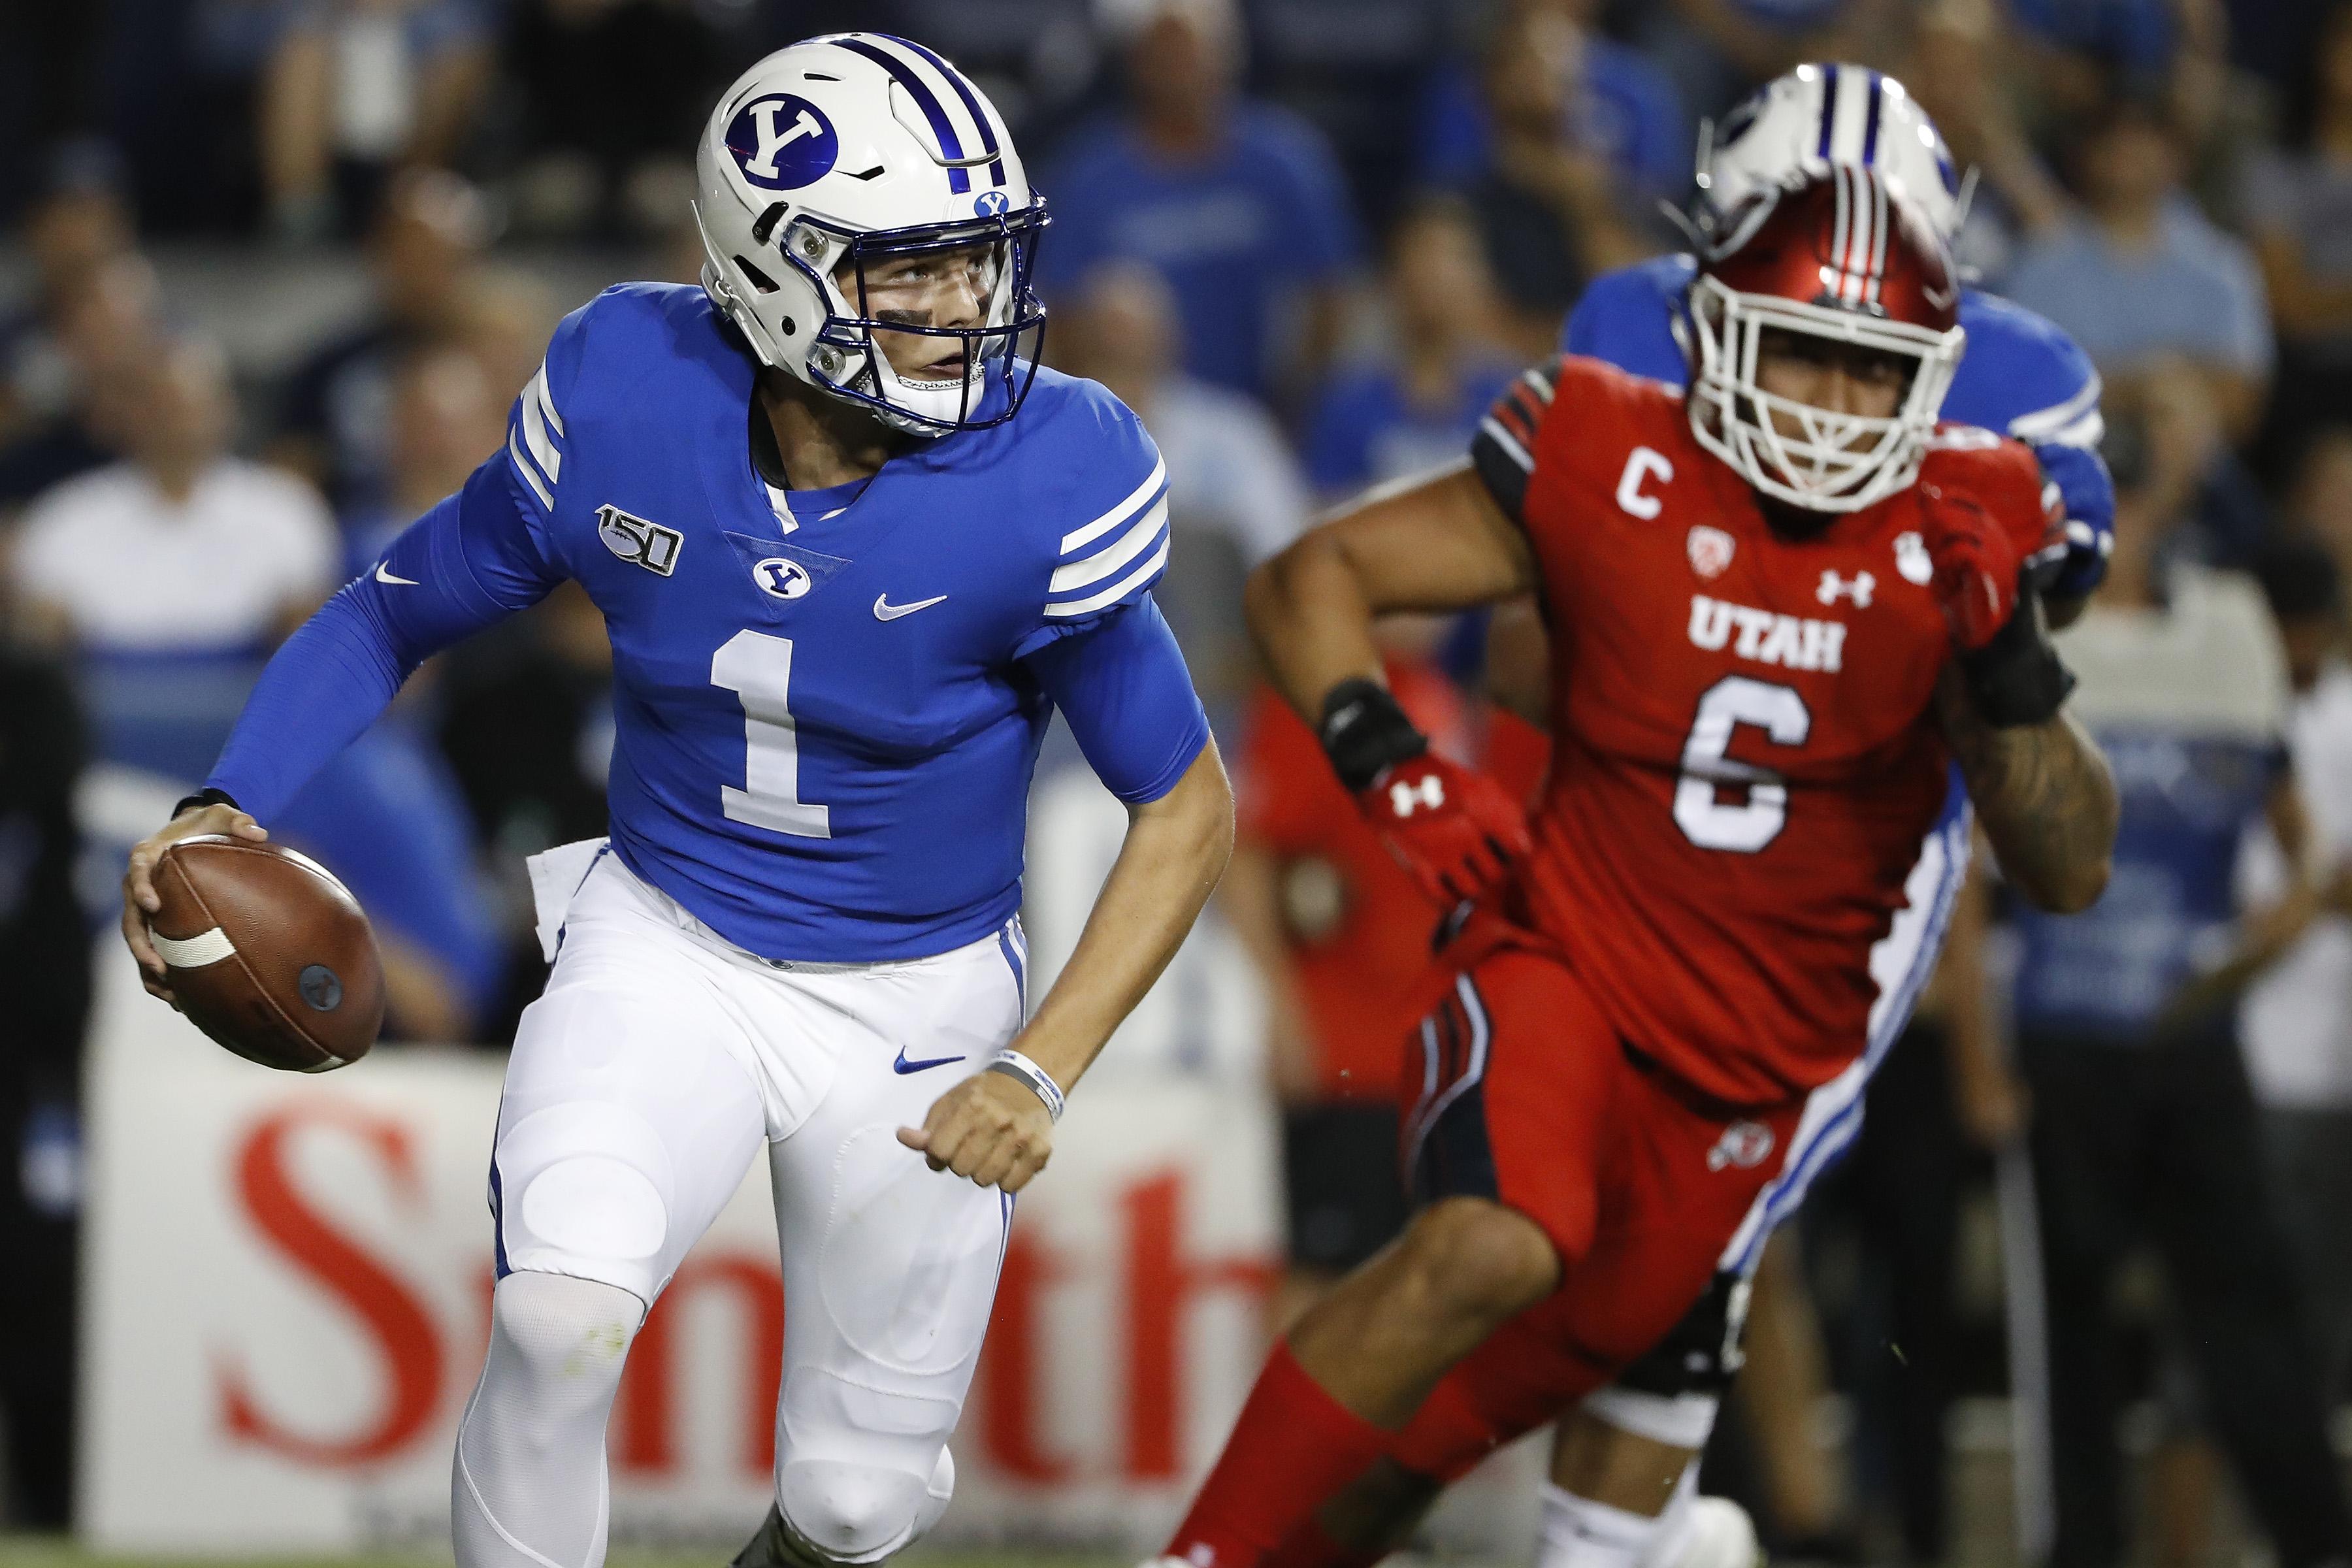 NCAA Football: Utah at Brigham Young